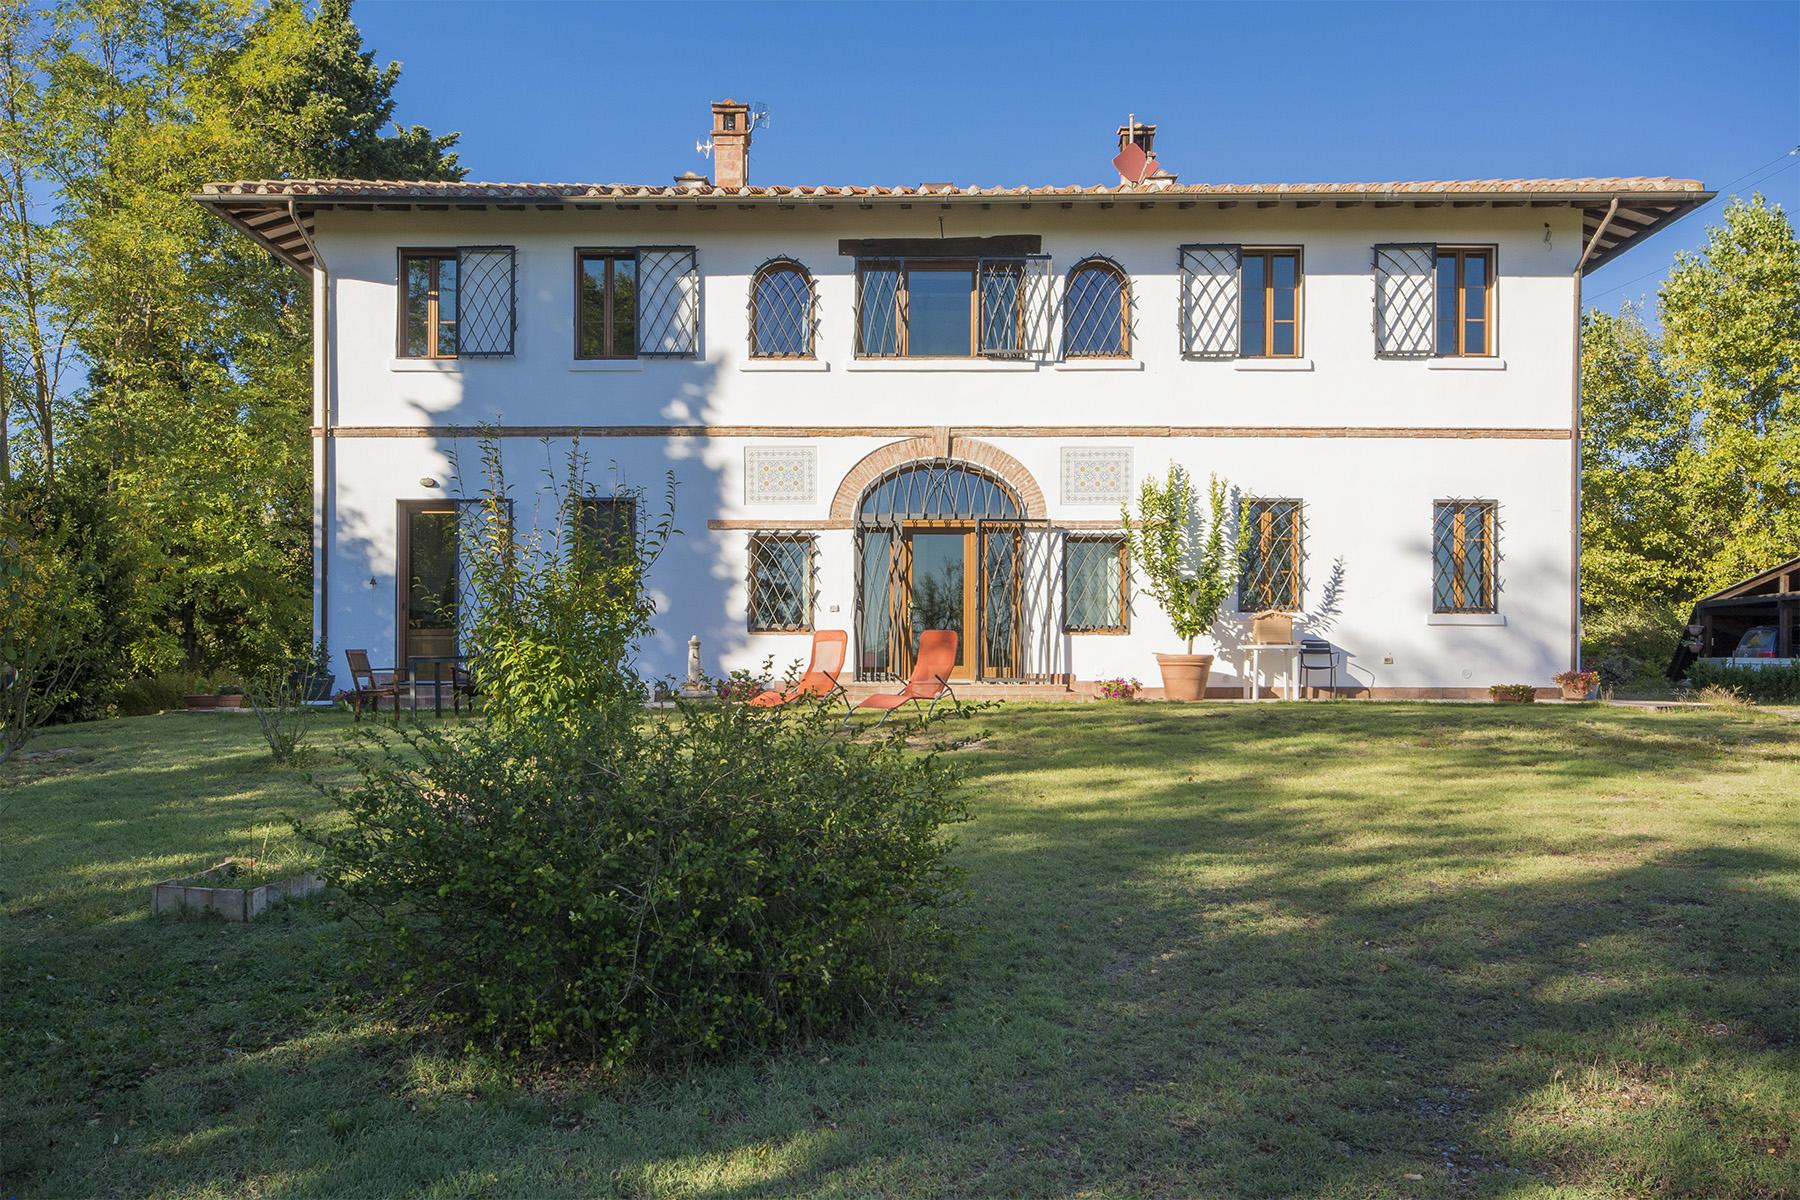 Villa in Vendita a San Miniato:  5 locali, 500 mq  - Foto 1